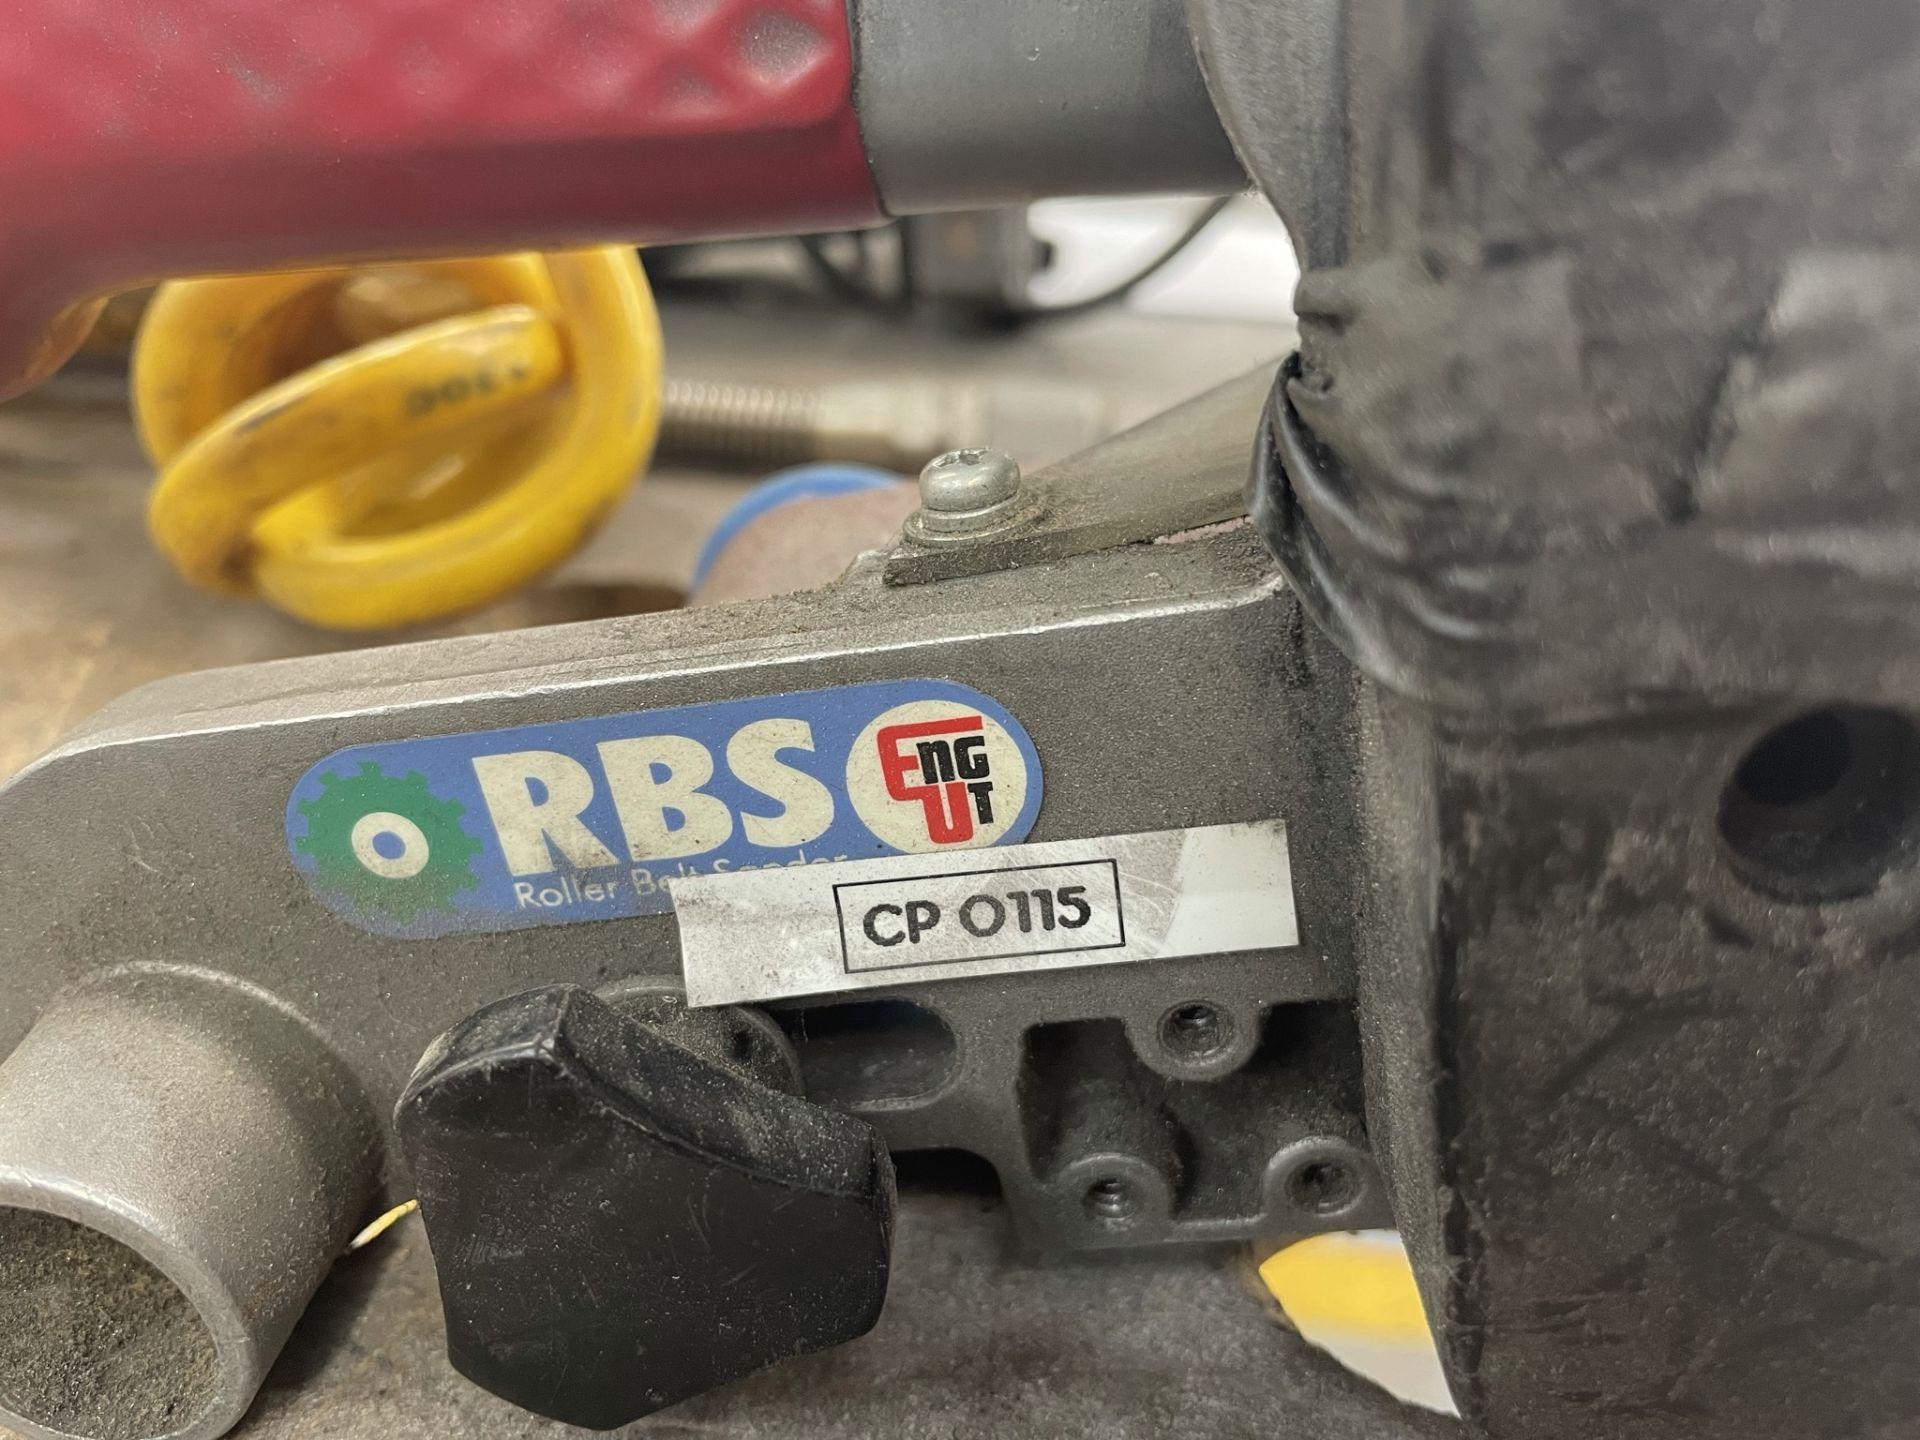 Pneumatic Roller Belt Sander - Image 3 of 4